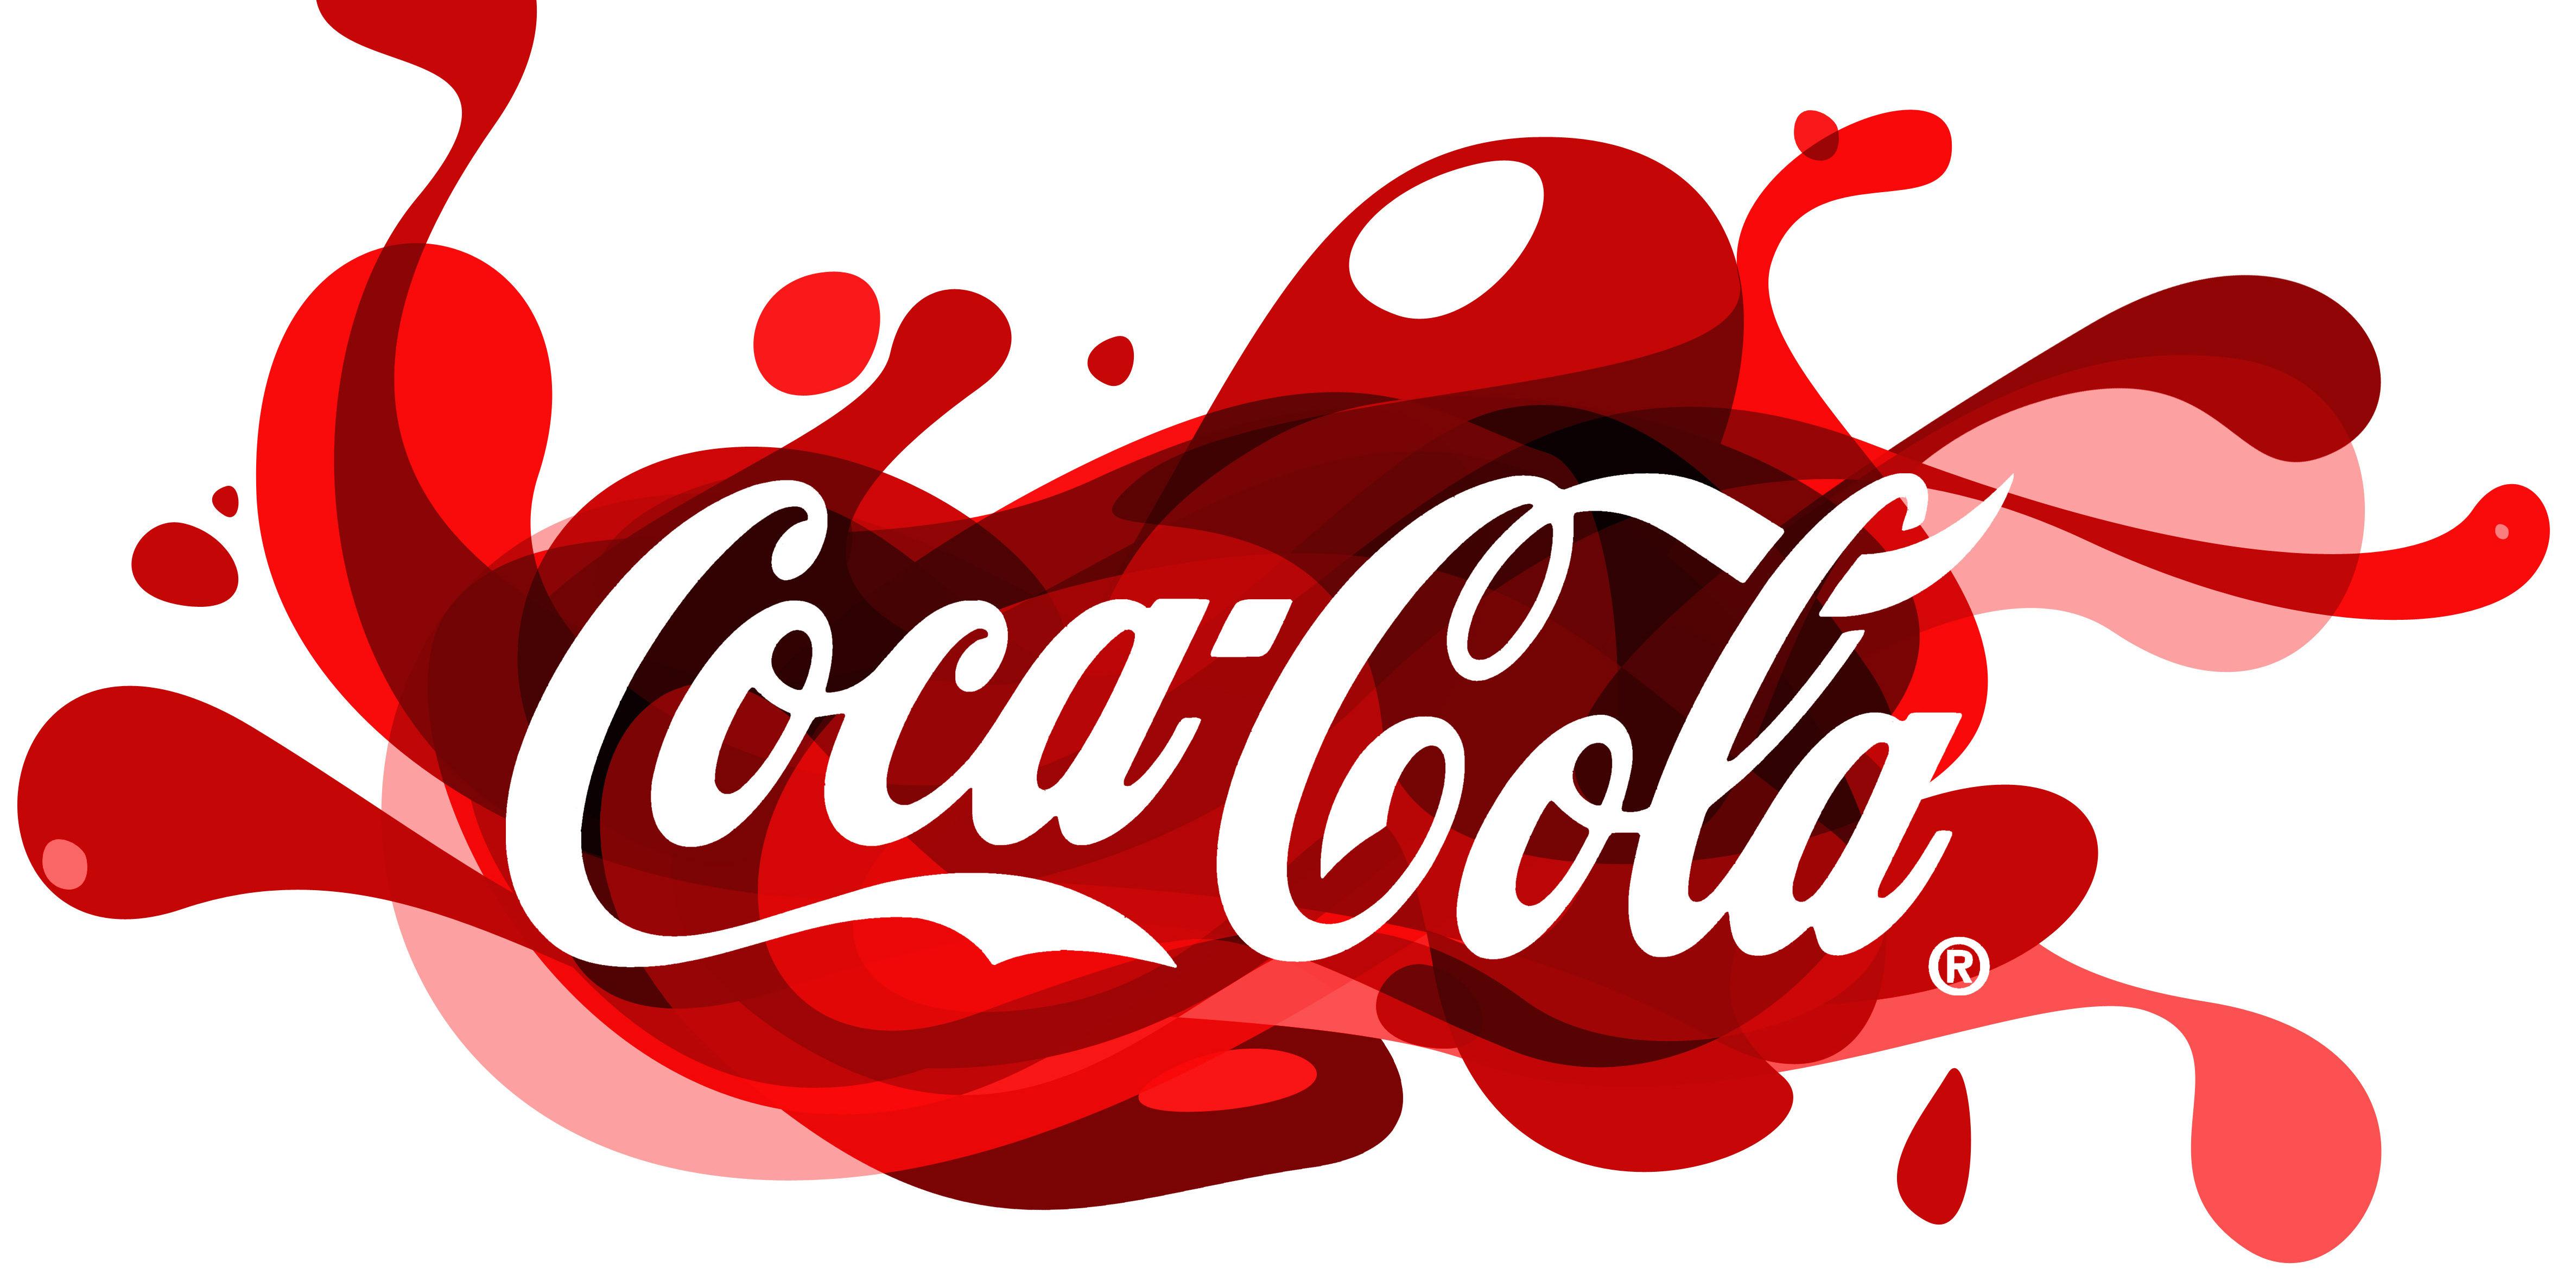 La Publicidad De Coca Cola Un Repaso A La Hipocresía En Sus Anuncios Mi Dieta Cojea